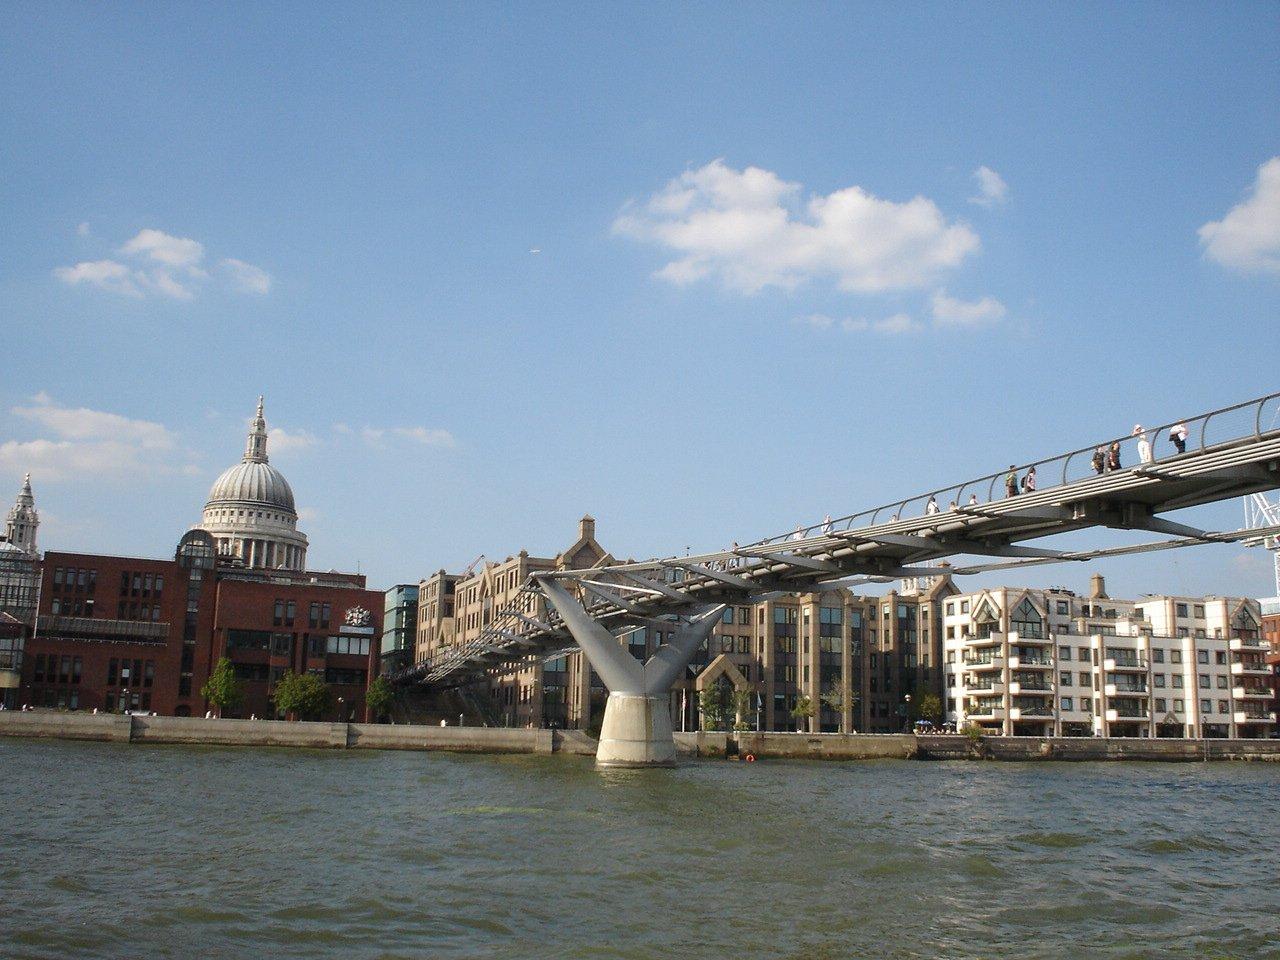 Мост Миллениум, Лондон, Великобритания. Июль, 2007